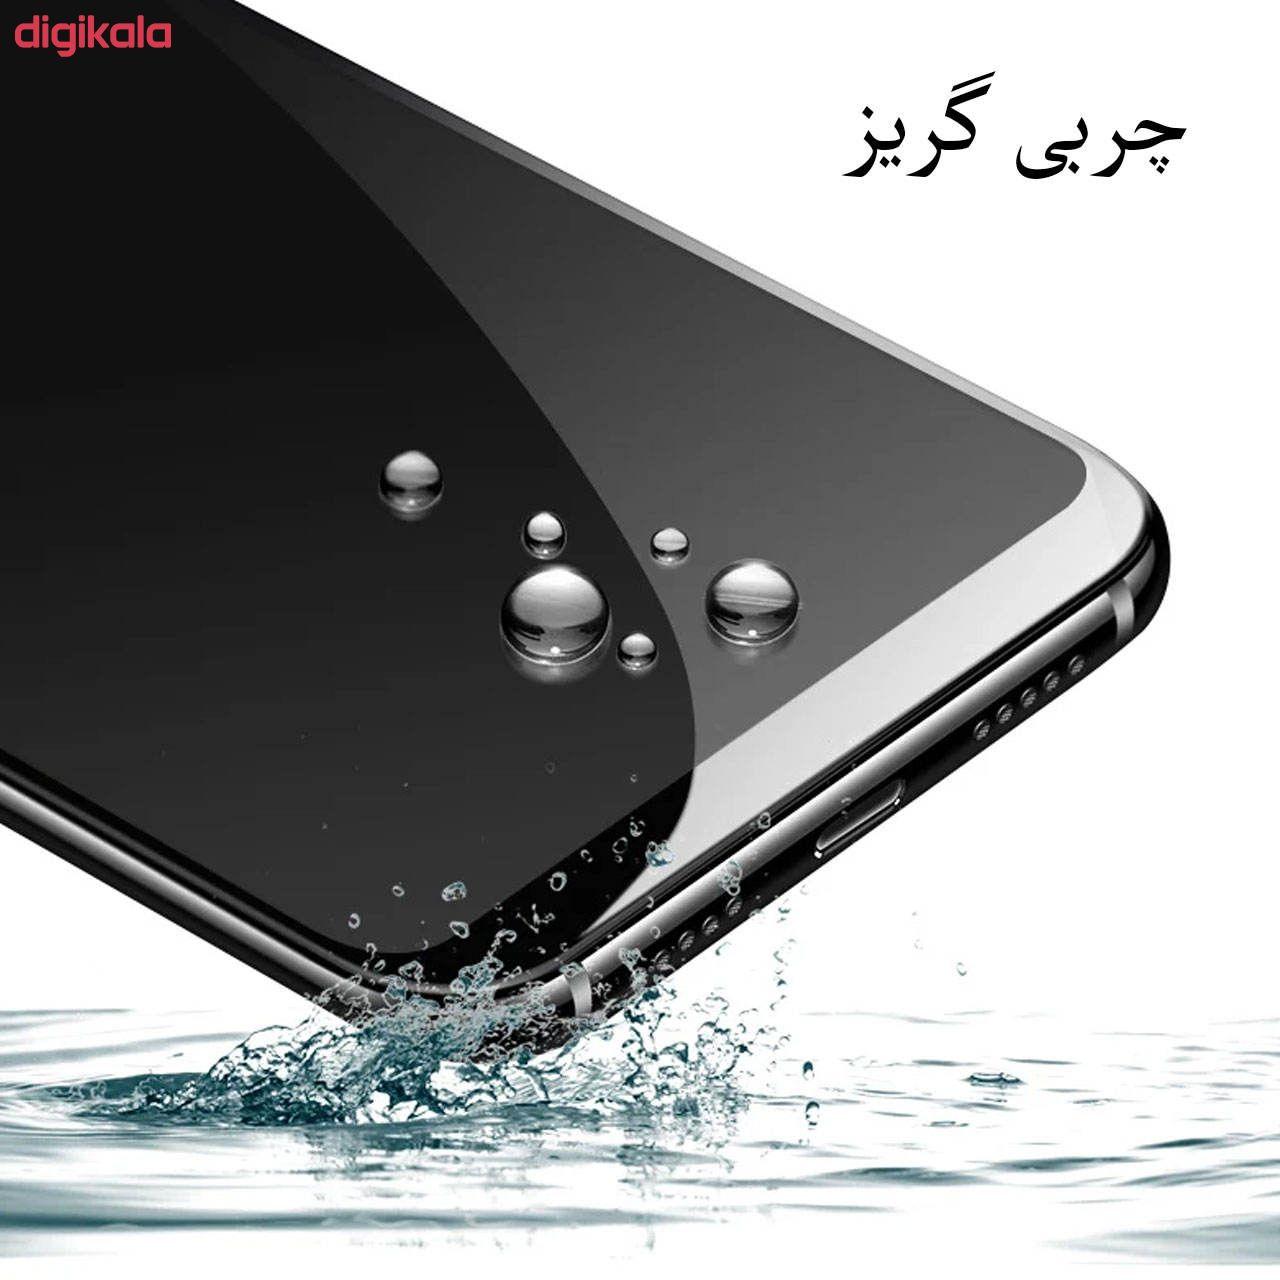 محافظ صفحه نمایش زیرو مدل SDZ-01 مناسب برای گوشی موبایل سامسونگ Galaxy J5 2015 main 1 7